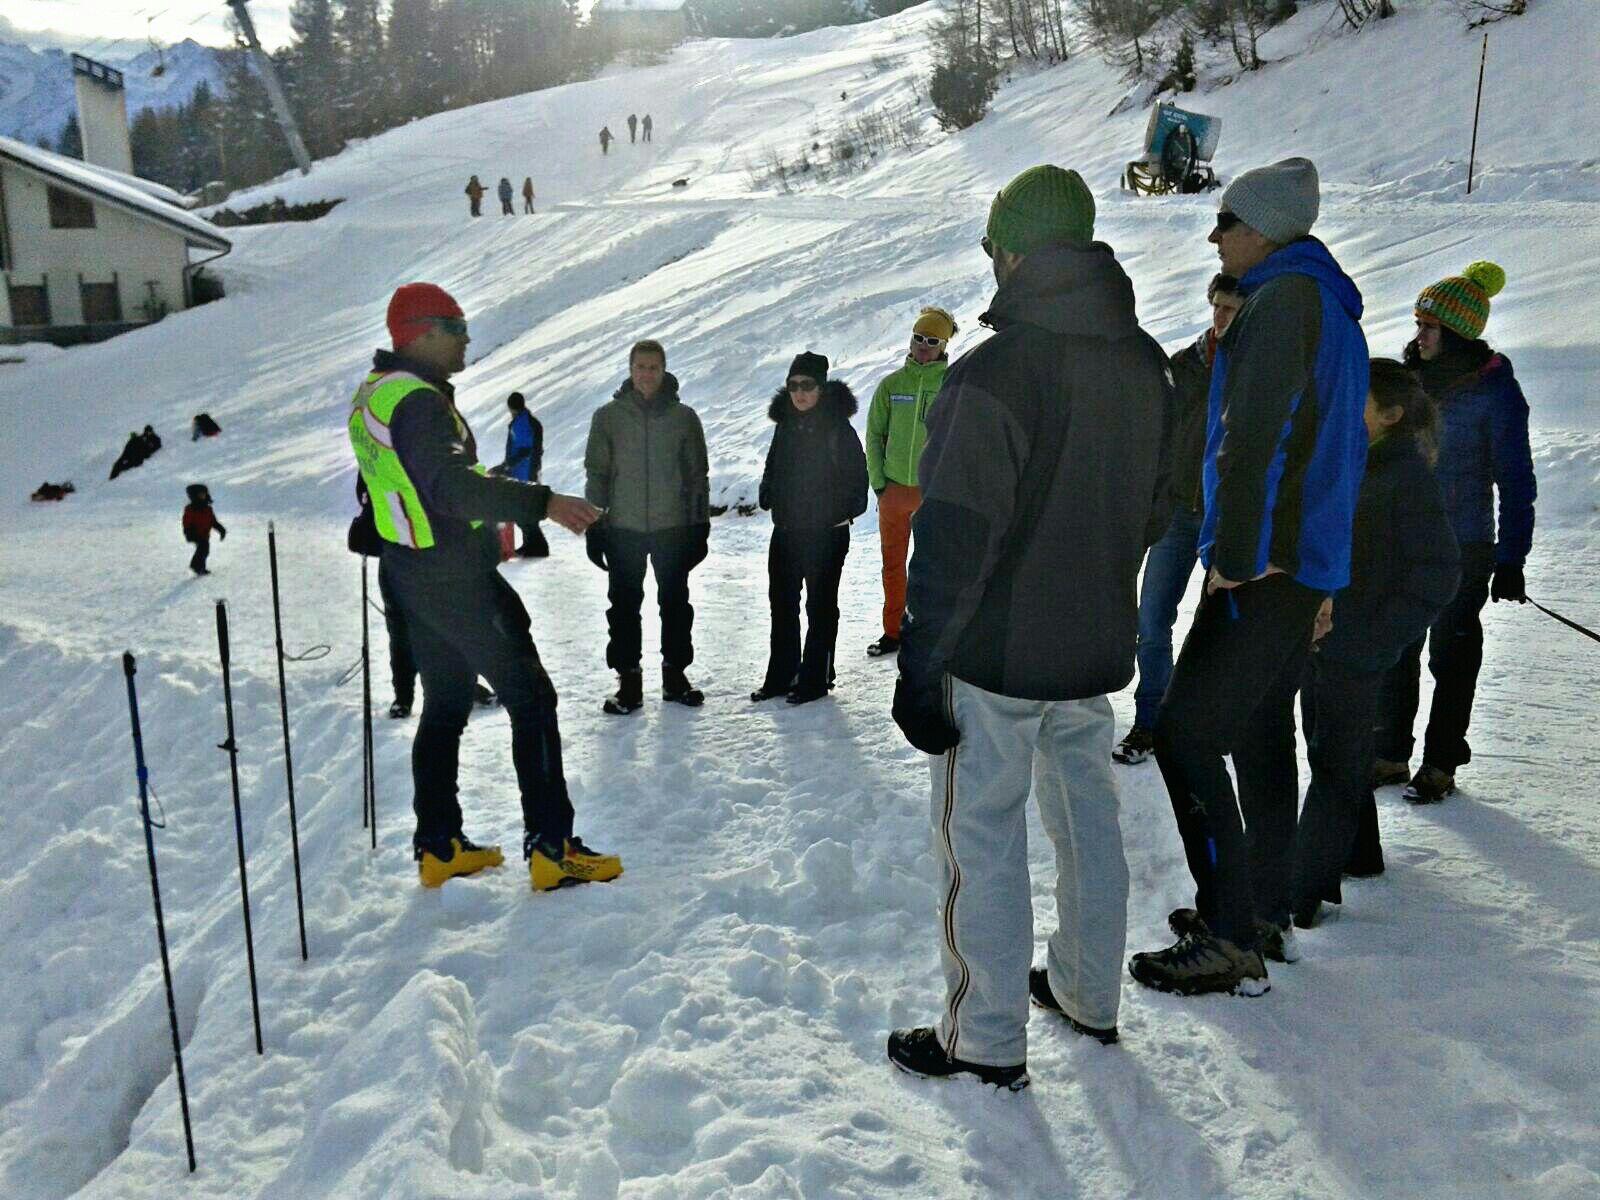 Regole semplici per essere sicuri in montagna. Cosa fare in caso di valanga?